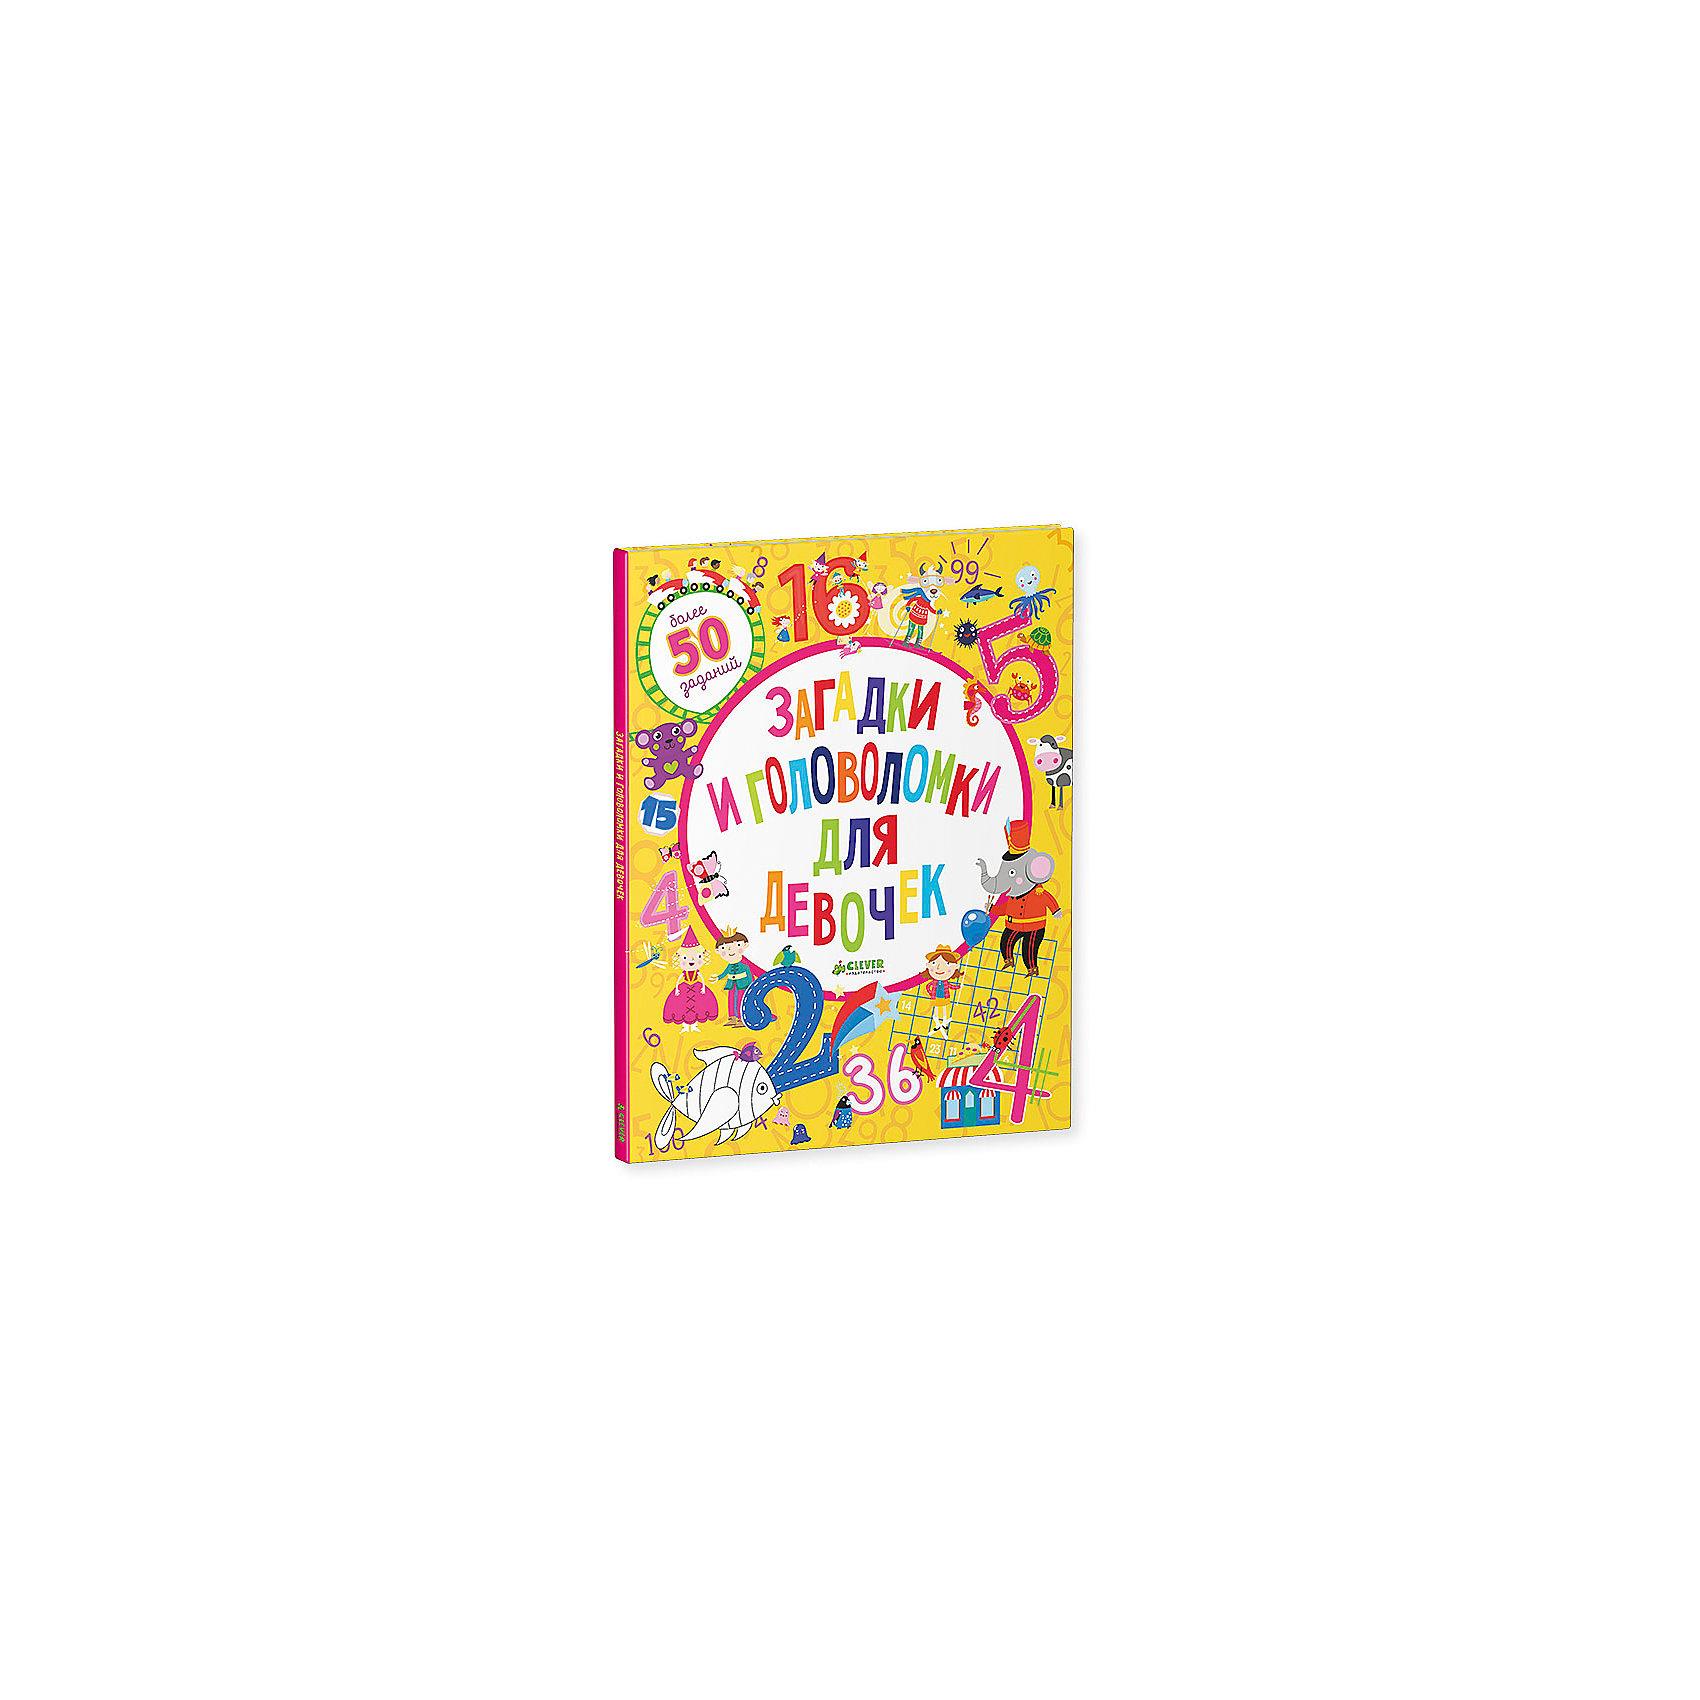 Загадки и головоломки для девочек, Уилсон БеккиХарактеристики загадок и головоломок для девочек:<br><br>• возраст: от 4 лет<br>• пол: для девочек<br>• материал: картон, бумага.<br>• количество страниц: 64<br>• размер книги: 22х29 см.<br>• тип обложки: твердый.<br>• иллюстрации: цветные.<br>• автор: Уилсон Бекки<br>• бренд: издательство Clever<br>• страна обладатель бренда: Россия.<br><br>В этой книжке собрано более 50 увлекательных игр и заданий с числами. Здесь ты найдёшь различные судоку, логические задачи, лабиринты, соедини по точкам и многое-многое другое. Вооружись карандашами, фломастерами и погрузись в потрясающий мир головоломок!<br><br>Загадки и головоломки для девочек издательства Clever можно купить в нашем интернет-магазине.<br><br>Ширина мм: 270<br>Глубина мм: 215<br>Высота мм: 8<br>Вес г: 230<br>Возраст от месяцев: 84<br>Возраст до месяцев: 132<br>Пол: Женский<br>Возраст: Детский<br>SKU: 5377843